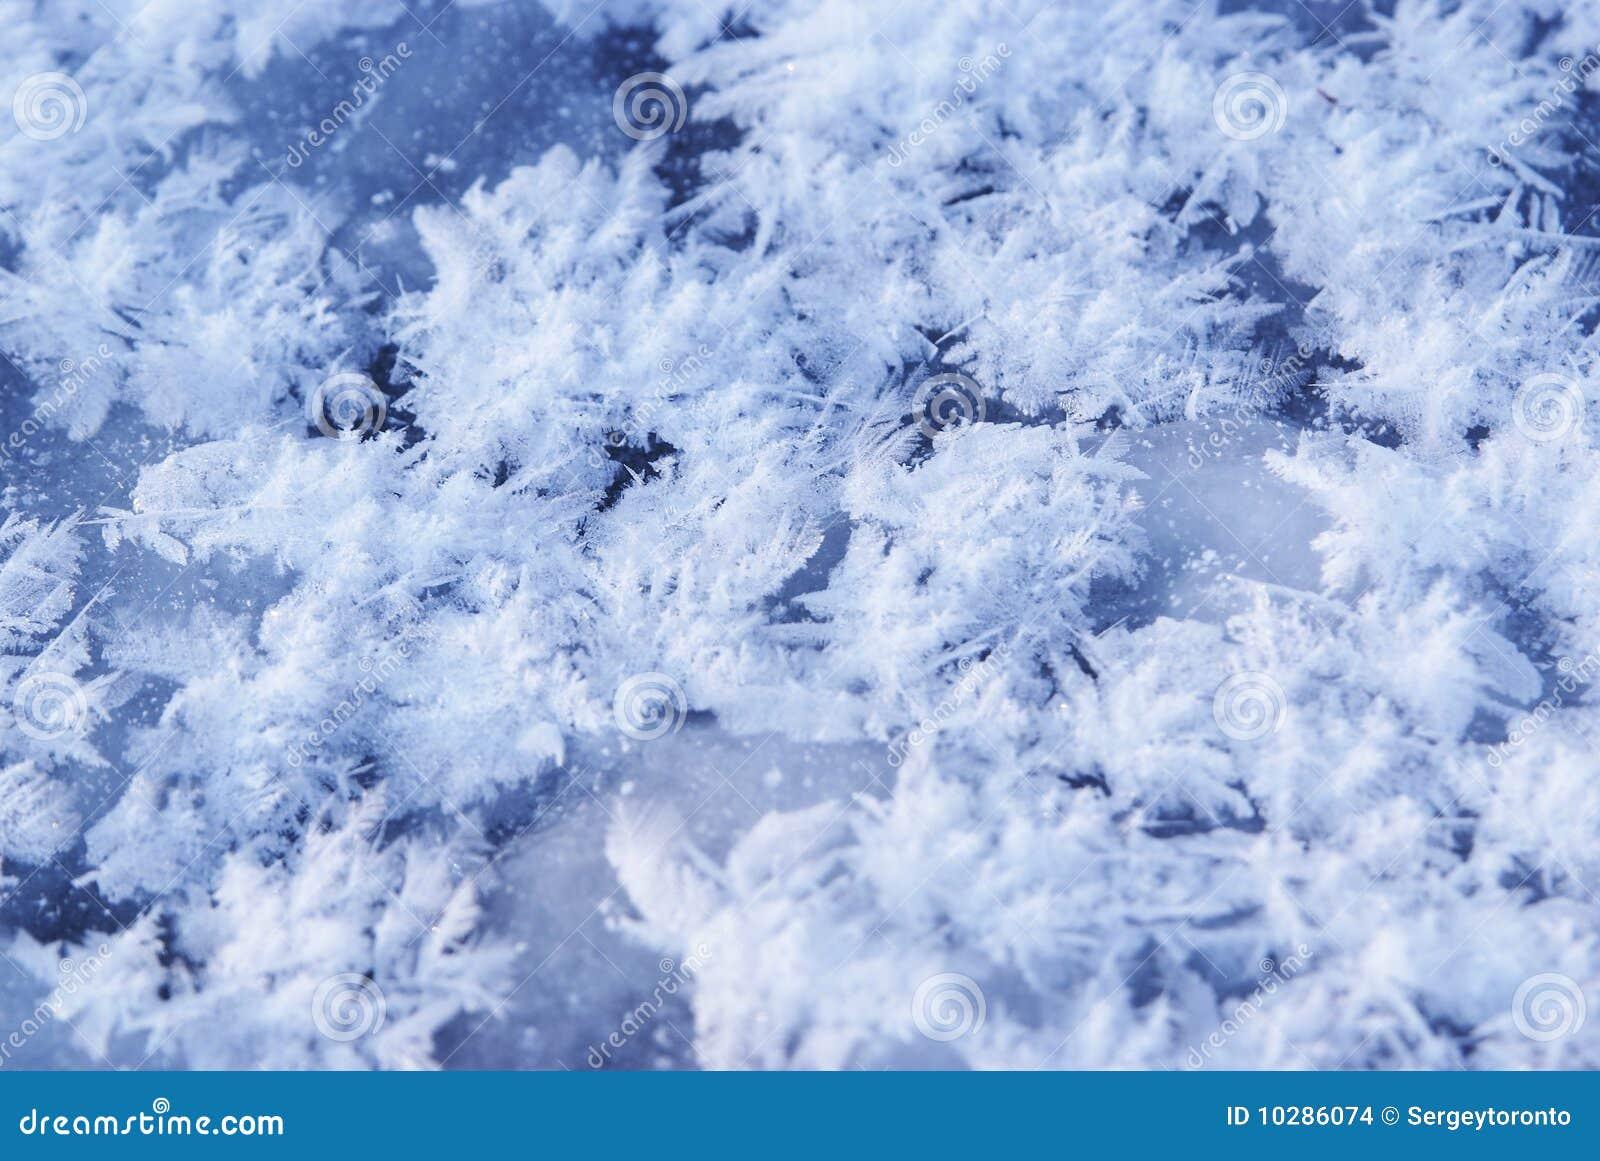 Fryst is för bakgrundsblue flakes